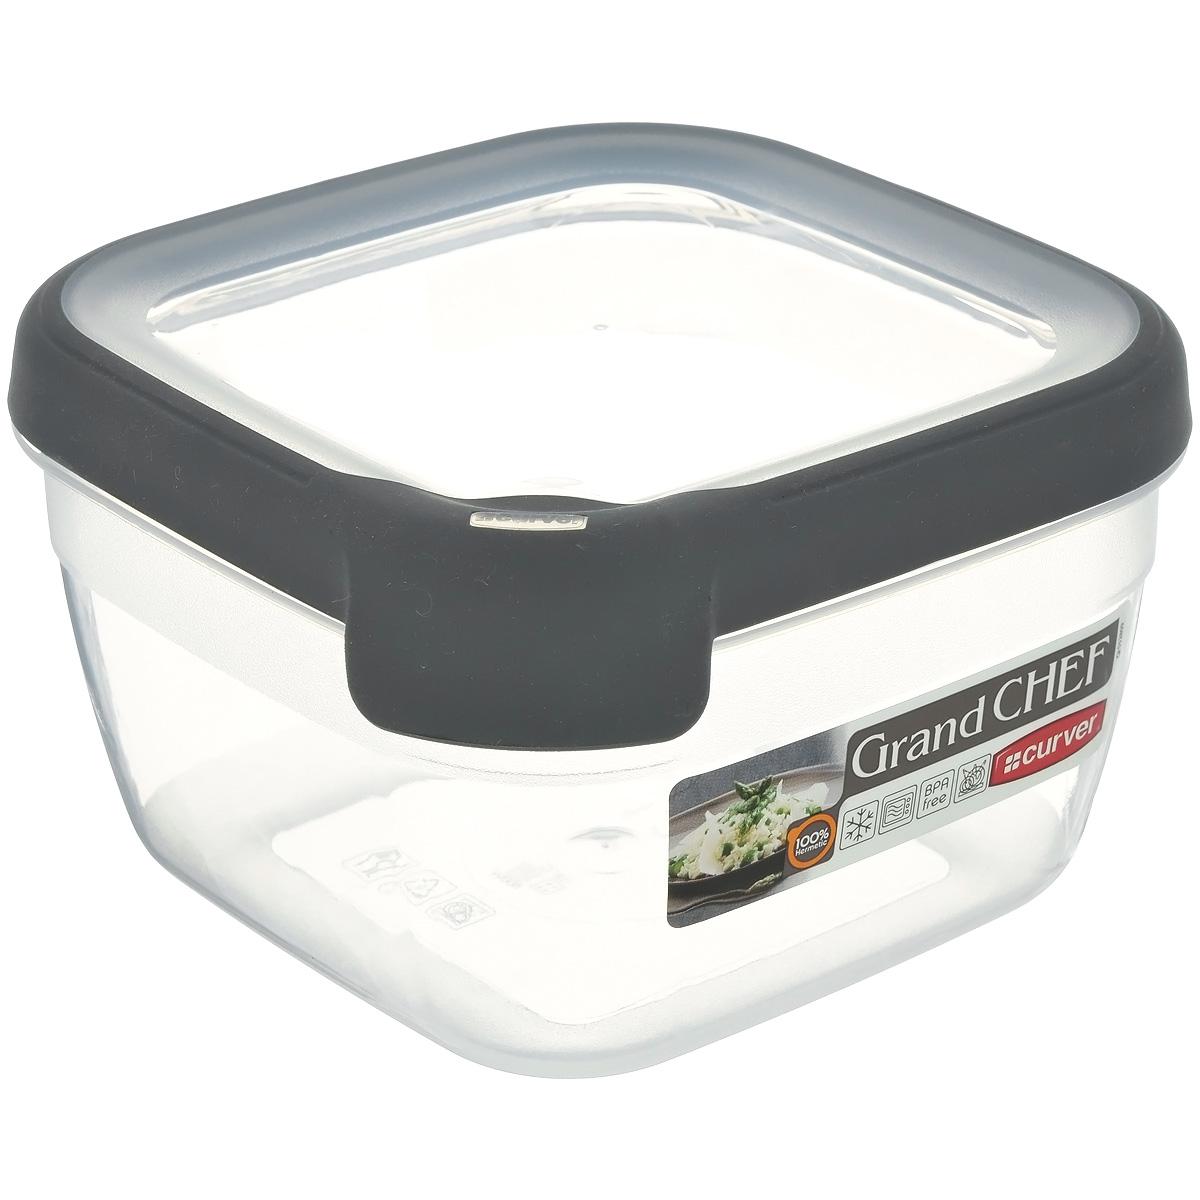 Емкость для заморозки и СВЧ Curver Grand Chef, цвет: серый, 1,2 л. 00014-673-0000014-673-00Квадратная емкость для заморозки и СВЧ Grand Chef изготовлена из высококачественного пищевого пластика (BPA free), который выдерживает температуру от -40°С до +100°С. Стенки емкости и крышка прозрачные. Крышка по краю оснащена силиконовой вставкой, благодаря которой плотно и герметично закрывается, дольше сохраняя продукты свежими и вкусными. Сбоку имеются отметки литража. Емкость удобно брать с собой на работу, пикник, дачу, в поход или просто использовать для хранения пищи в холодильнике. Можно использовать в микроволновой печи и для заморозки в морозильной камере. Можно мыть в посудомоечной машине.